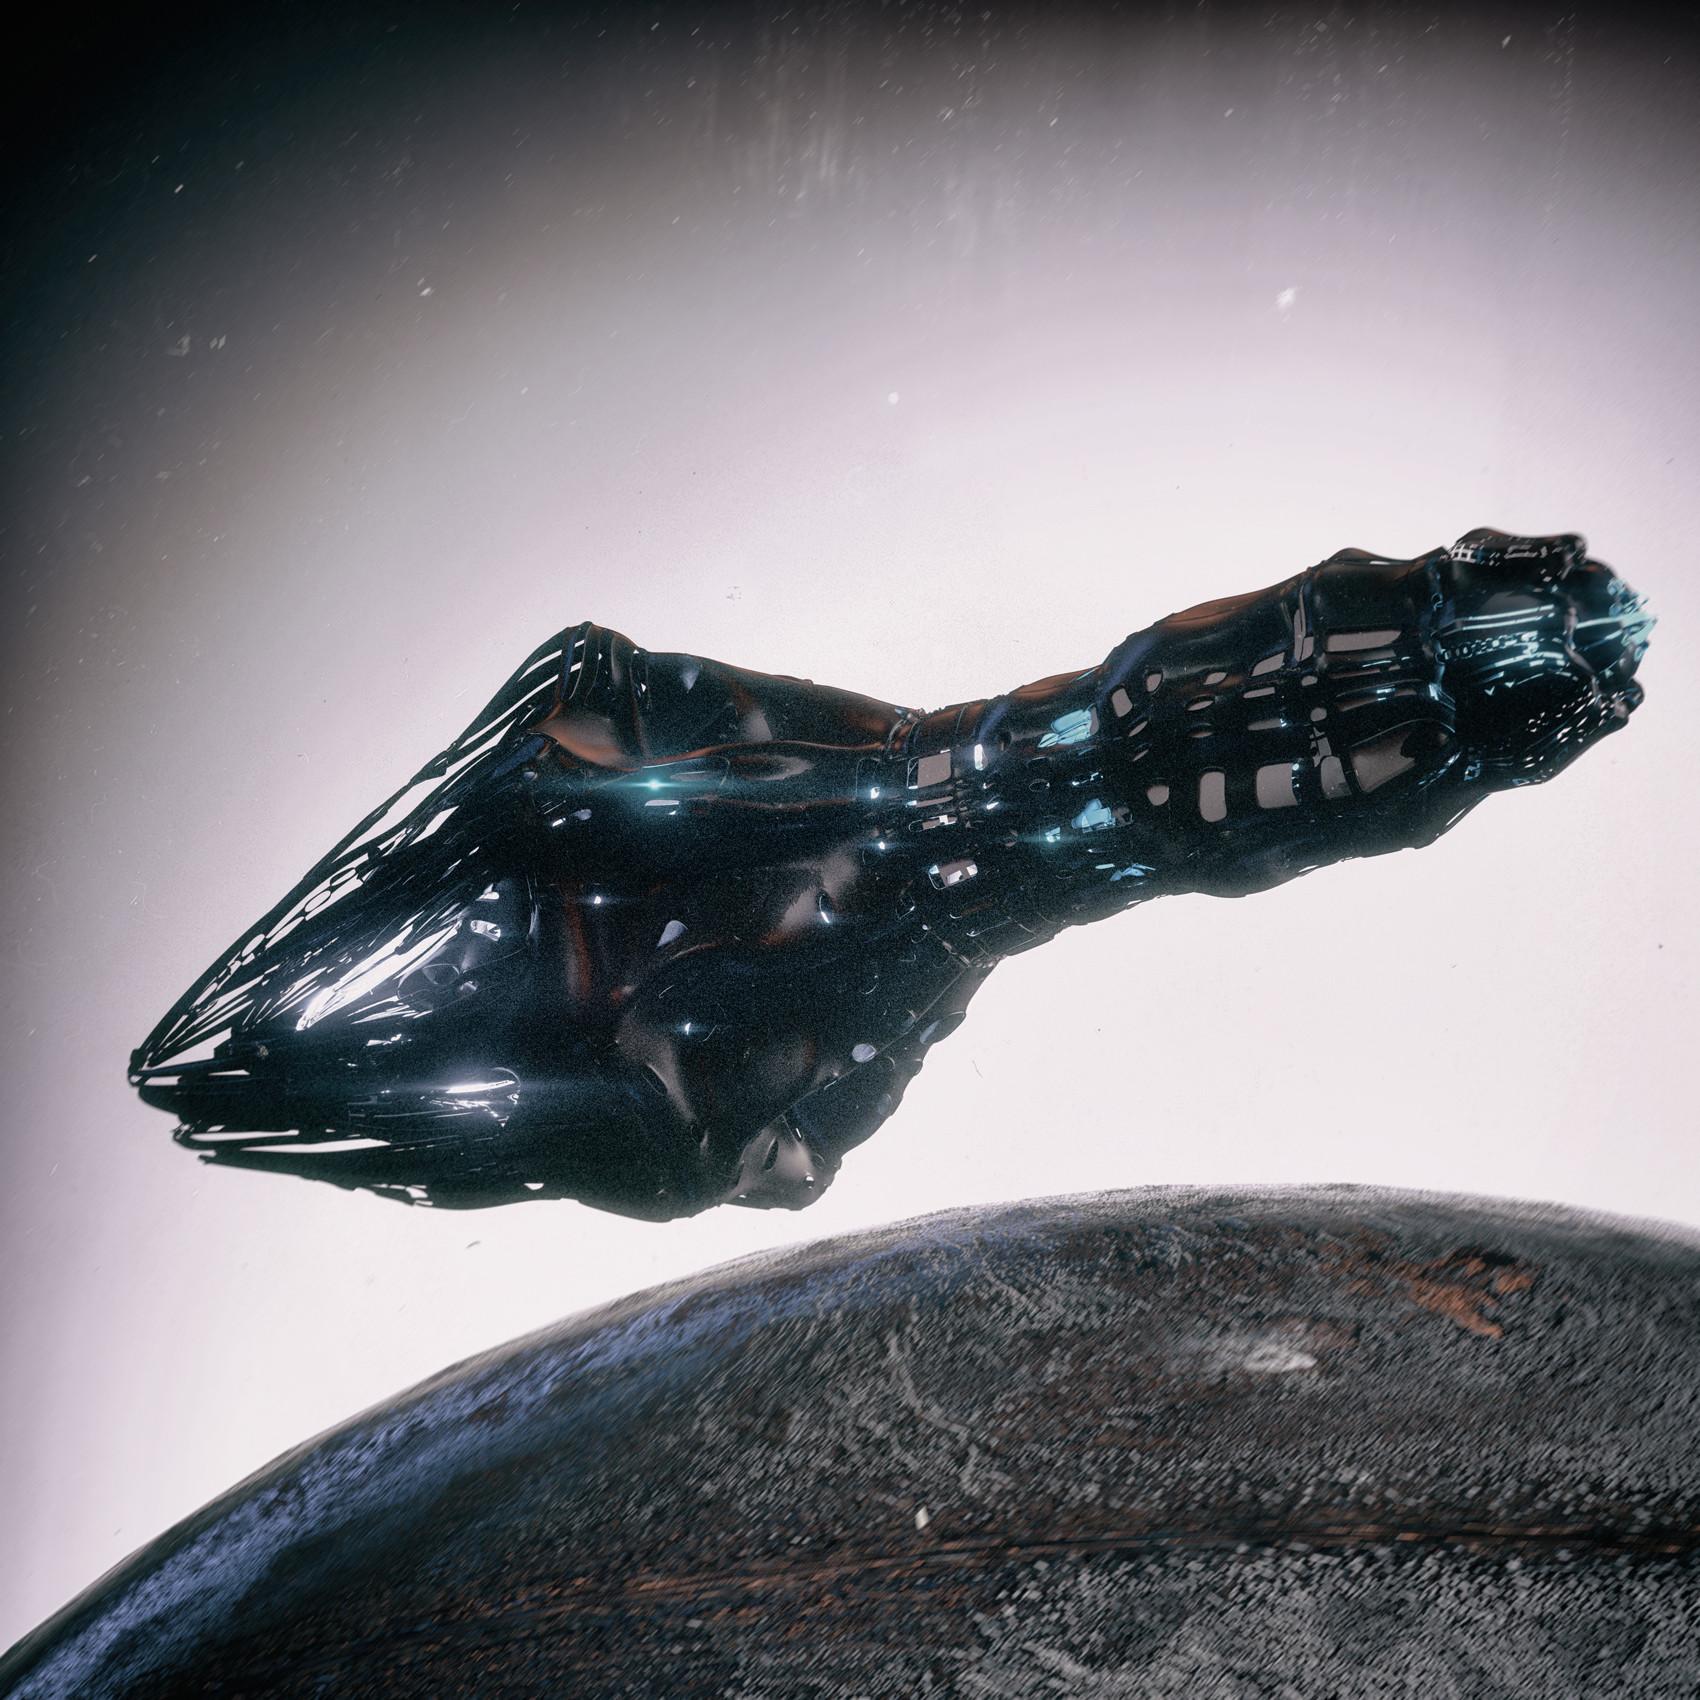 Kresimir jelusic 111115 alien ship